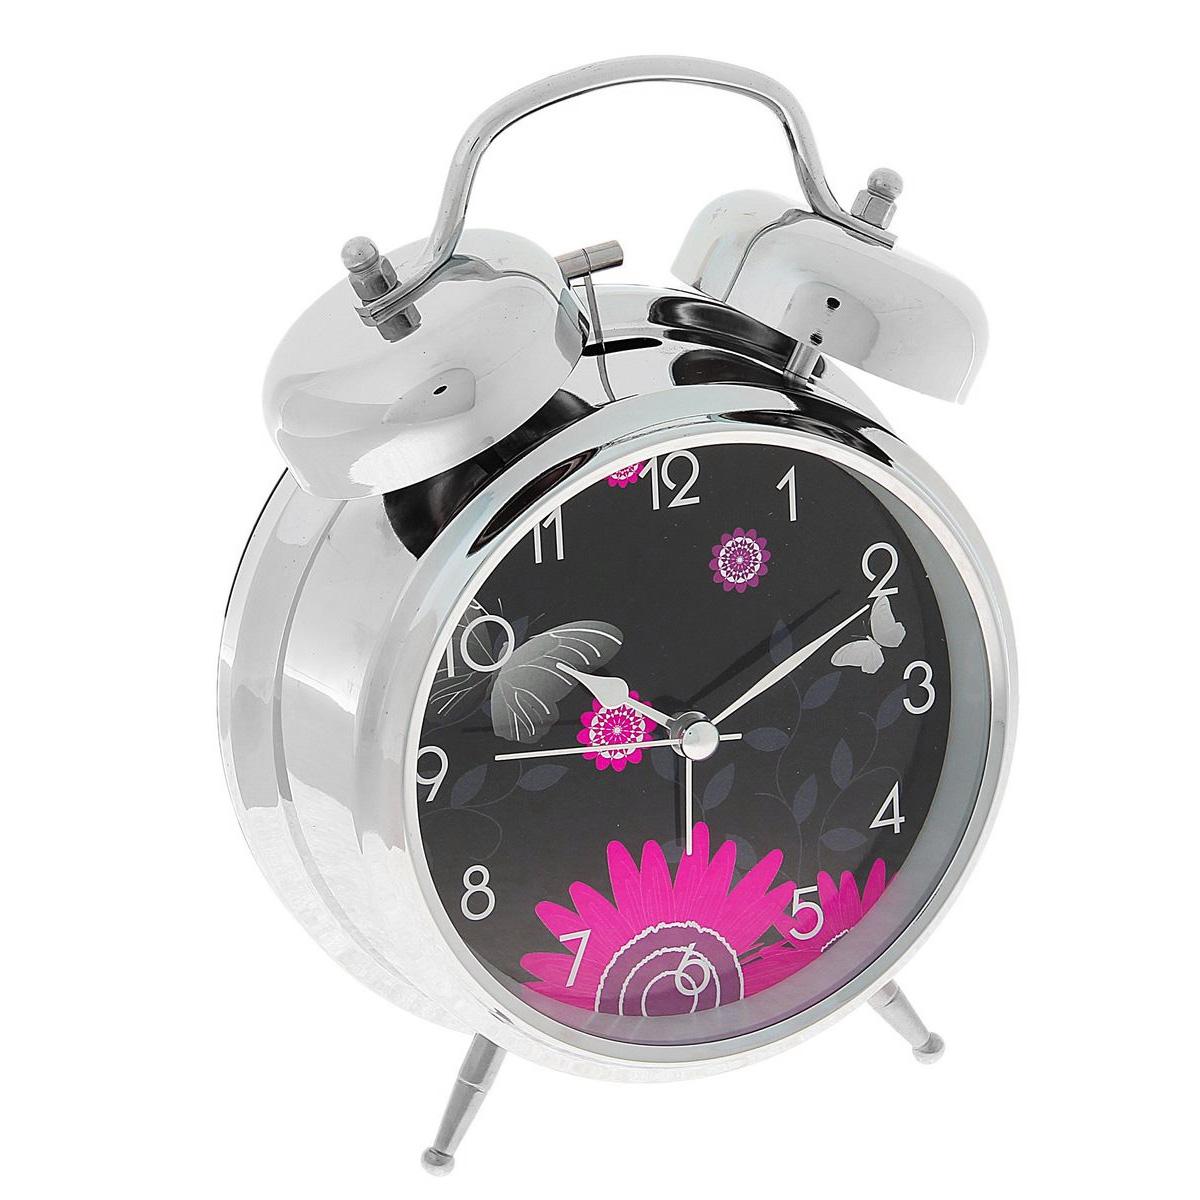 Часы-будильник Sima-land Цветы. 720865720865Как же сложно иногда вставать вовремя! Всегда так хочется поспать еще хотя бы 5 минут и бывает, что мы просыпаем. Теперь этого не случится! Яркий, оригинальный будильник Sima-land Цветы поможет вам всегда вставать в нужное время и успевать везде и всюду. Корпус будильника выполнен из металла. Циферблат имеет индикацию арабскими цифрами. Часы снабжены 4 стрелками (секундная, минутная, часовая и для будильника). На задней панели будильника расположен переключатель включения/выключения механизма, а также два колесика для настройки текущего времени и времени звонка будильника. Также будильник оснащен кнопкой, при нажатии которой подсвечивается циферблат. Пользоваться будильником очень легко: нужно всего лишь поставить батарейки, настроить точное время и установить время звонка. Необходимо докупить 2 батарейки типа АА (не входят в комплект).